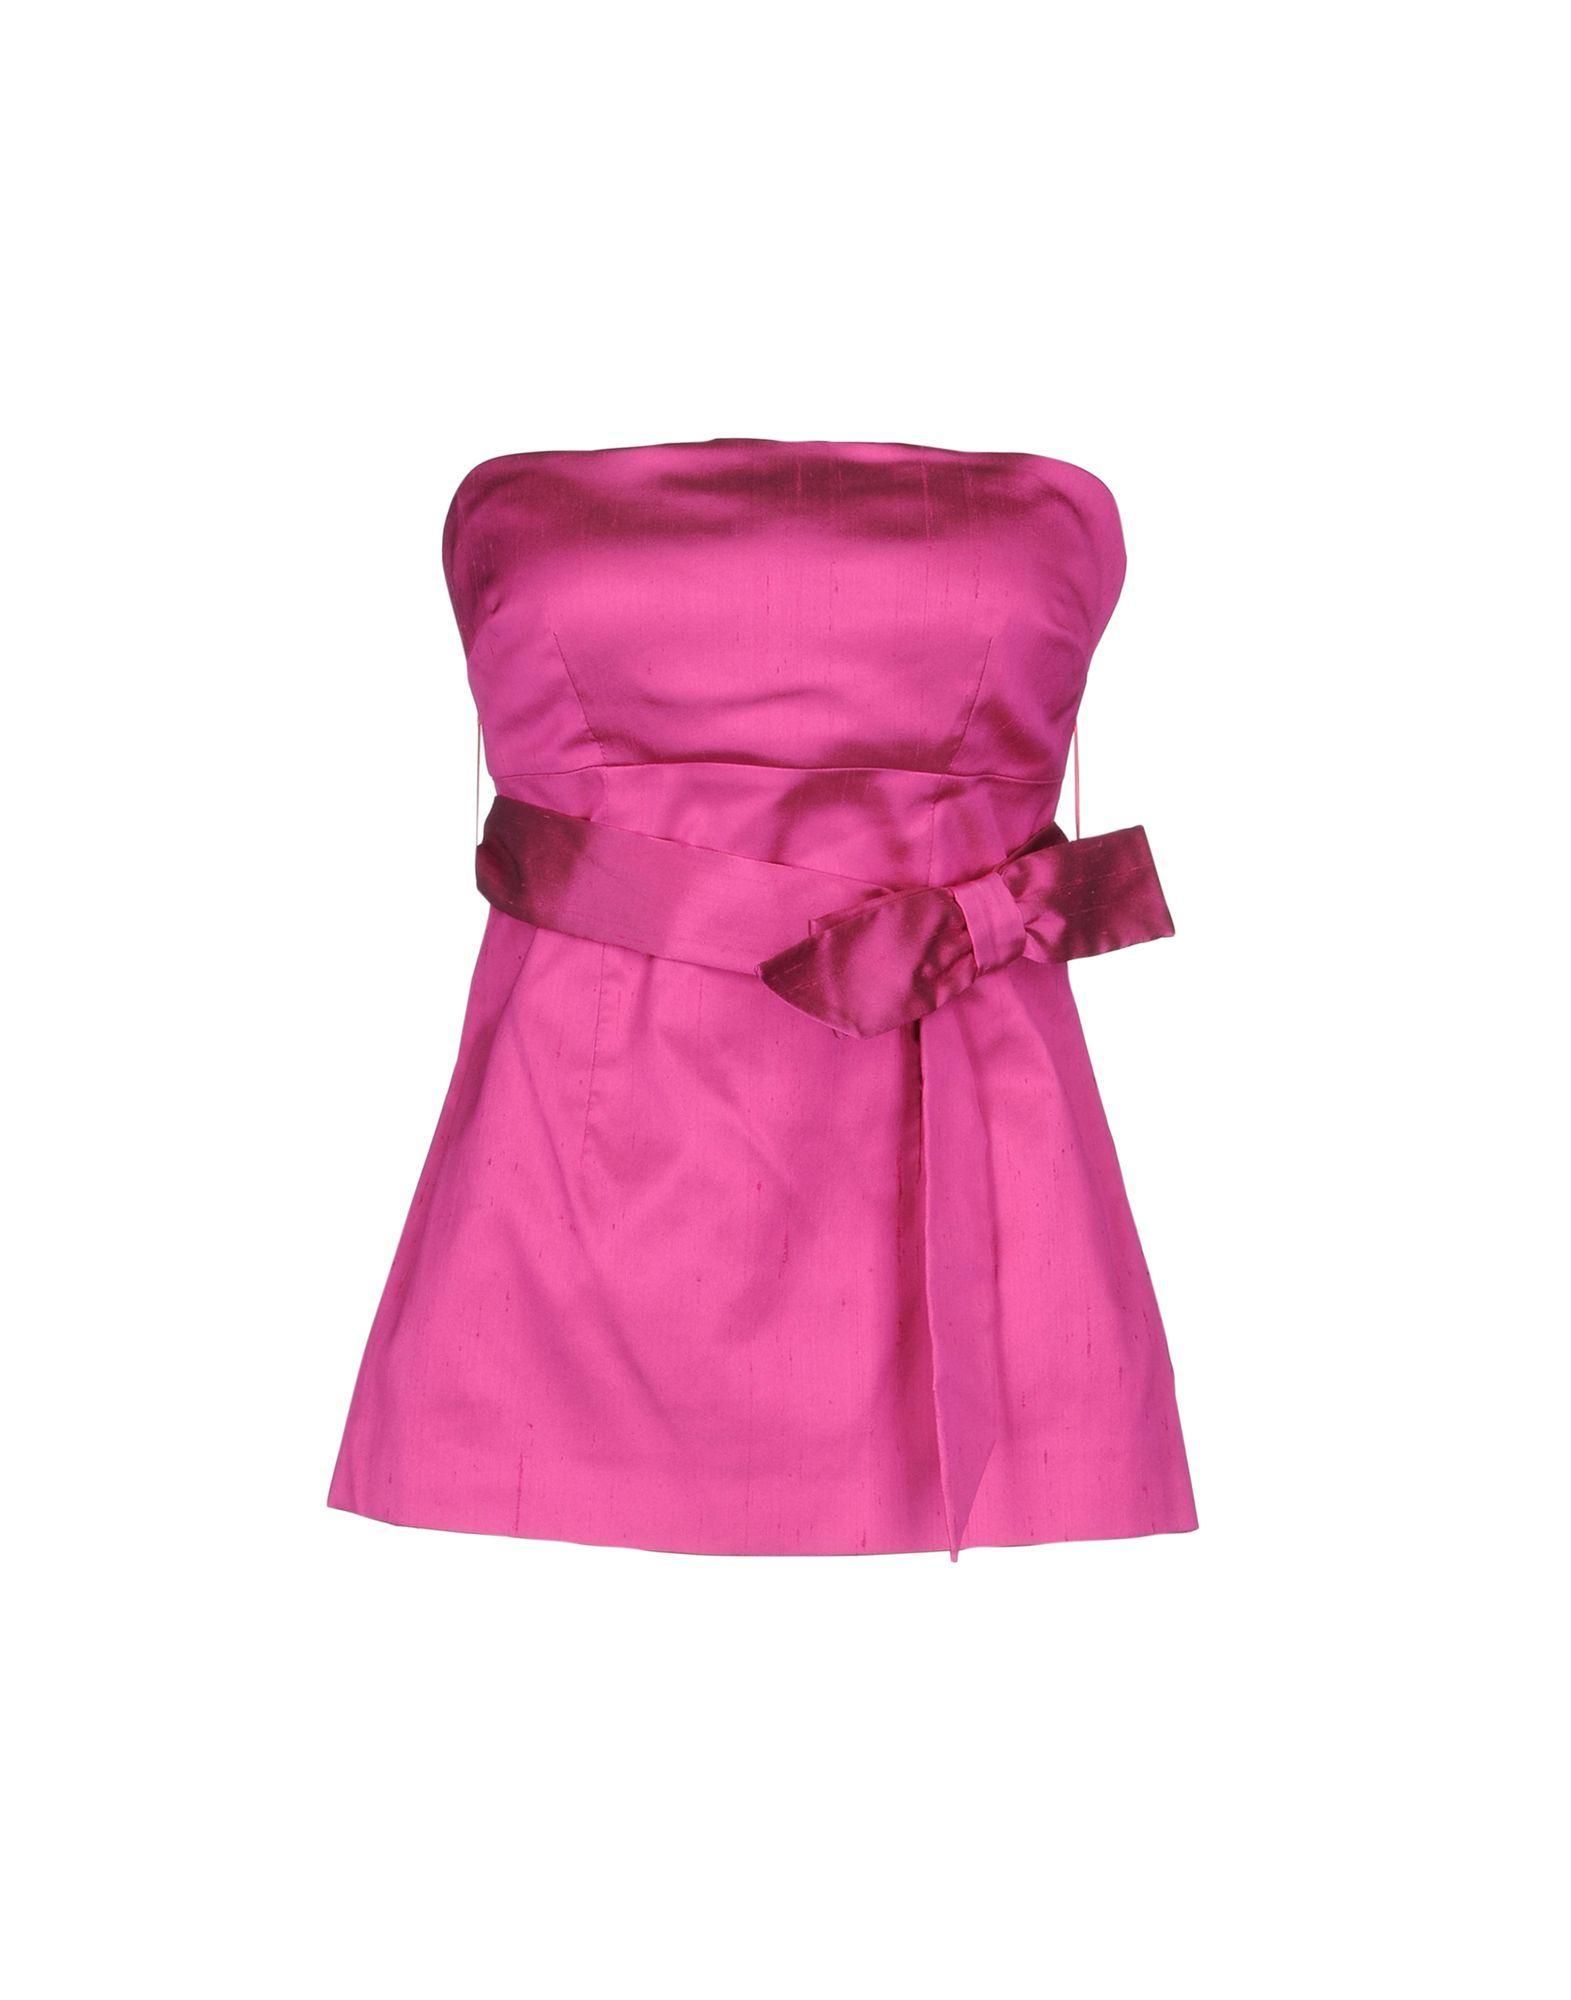 P.A.R.O.S.H. Fuchsia Silk Strapless Top